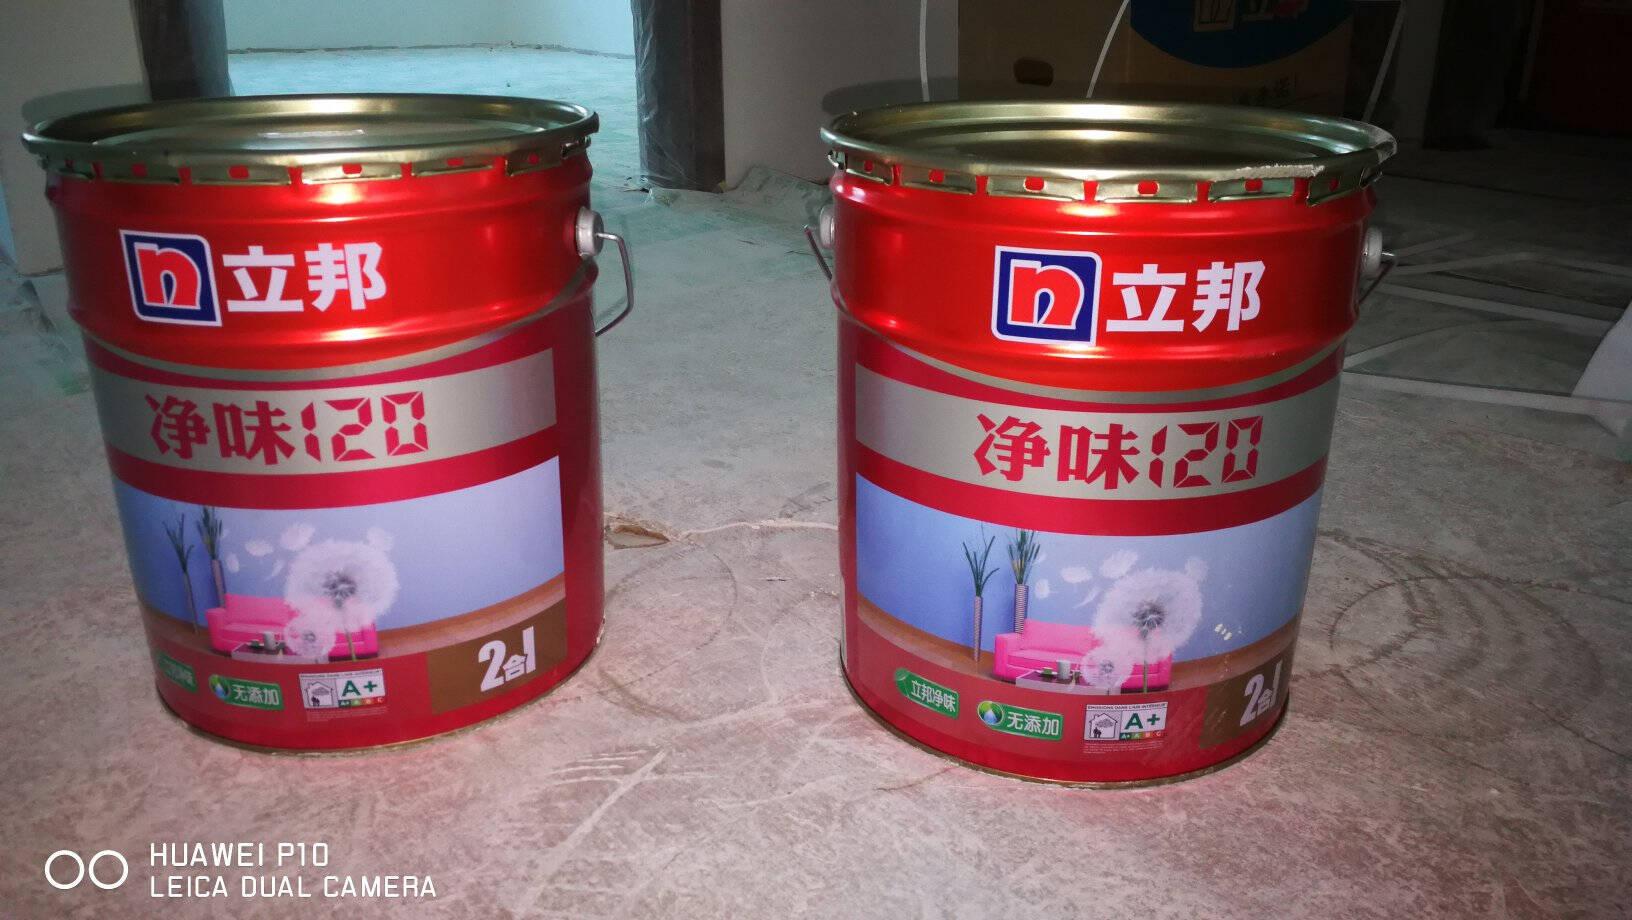 立邦漆净味120二合一无添加油漆涂料内墙乳胶漆墙面漆18L